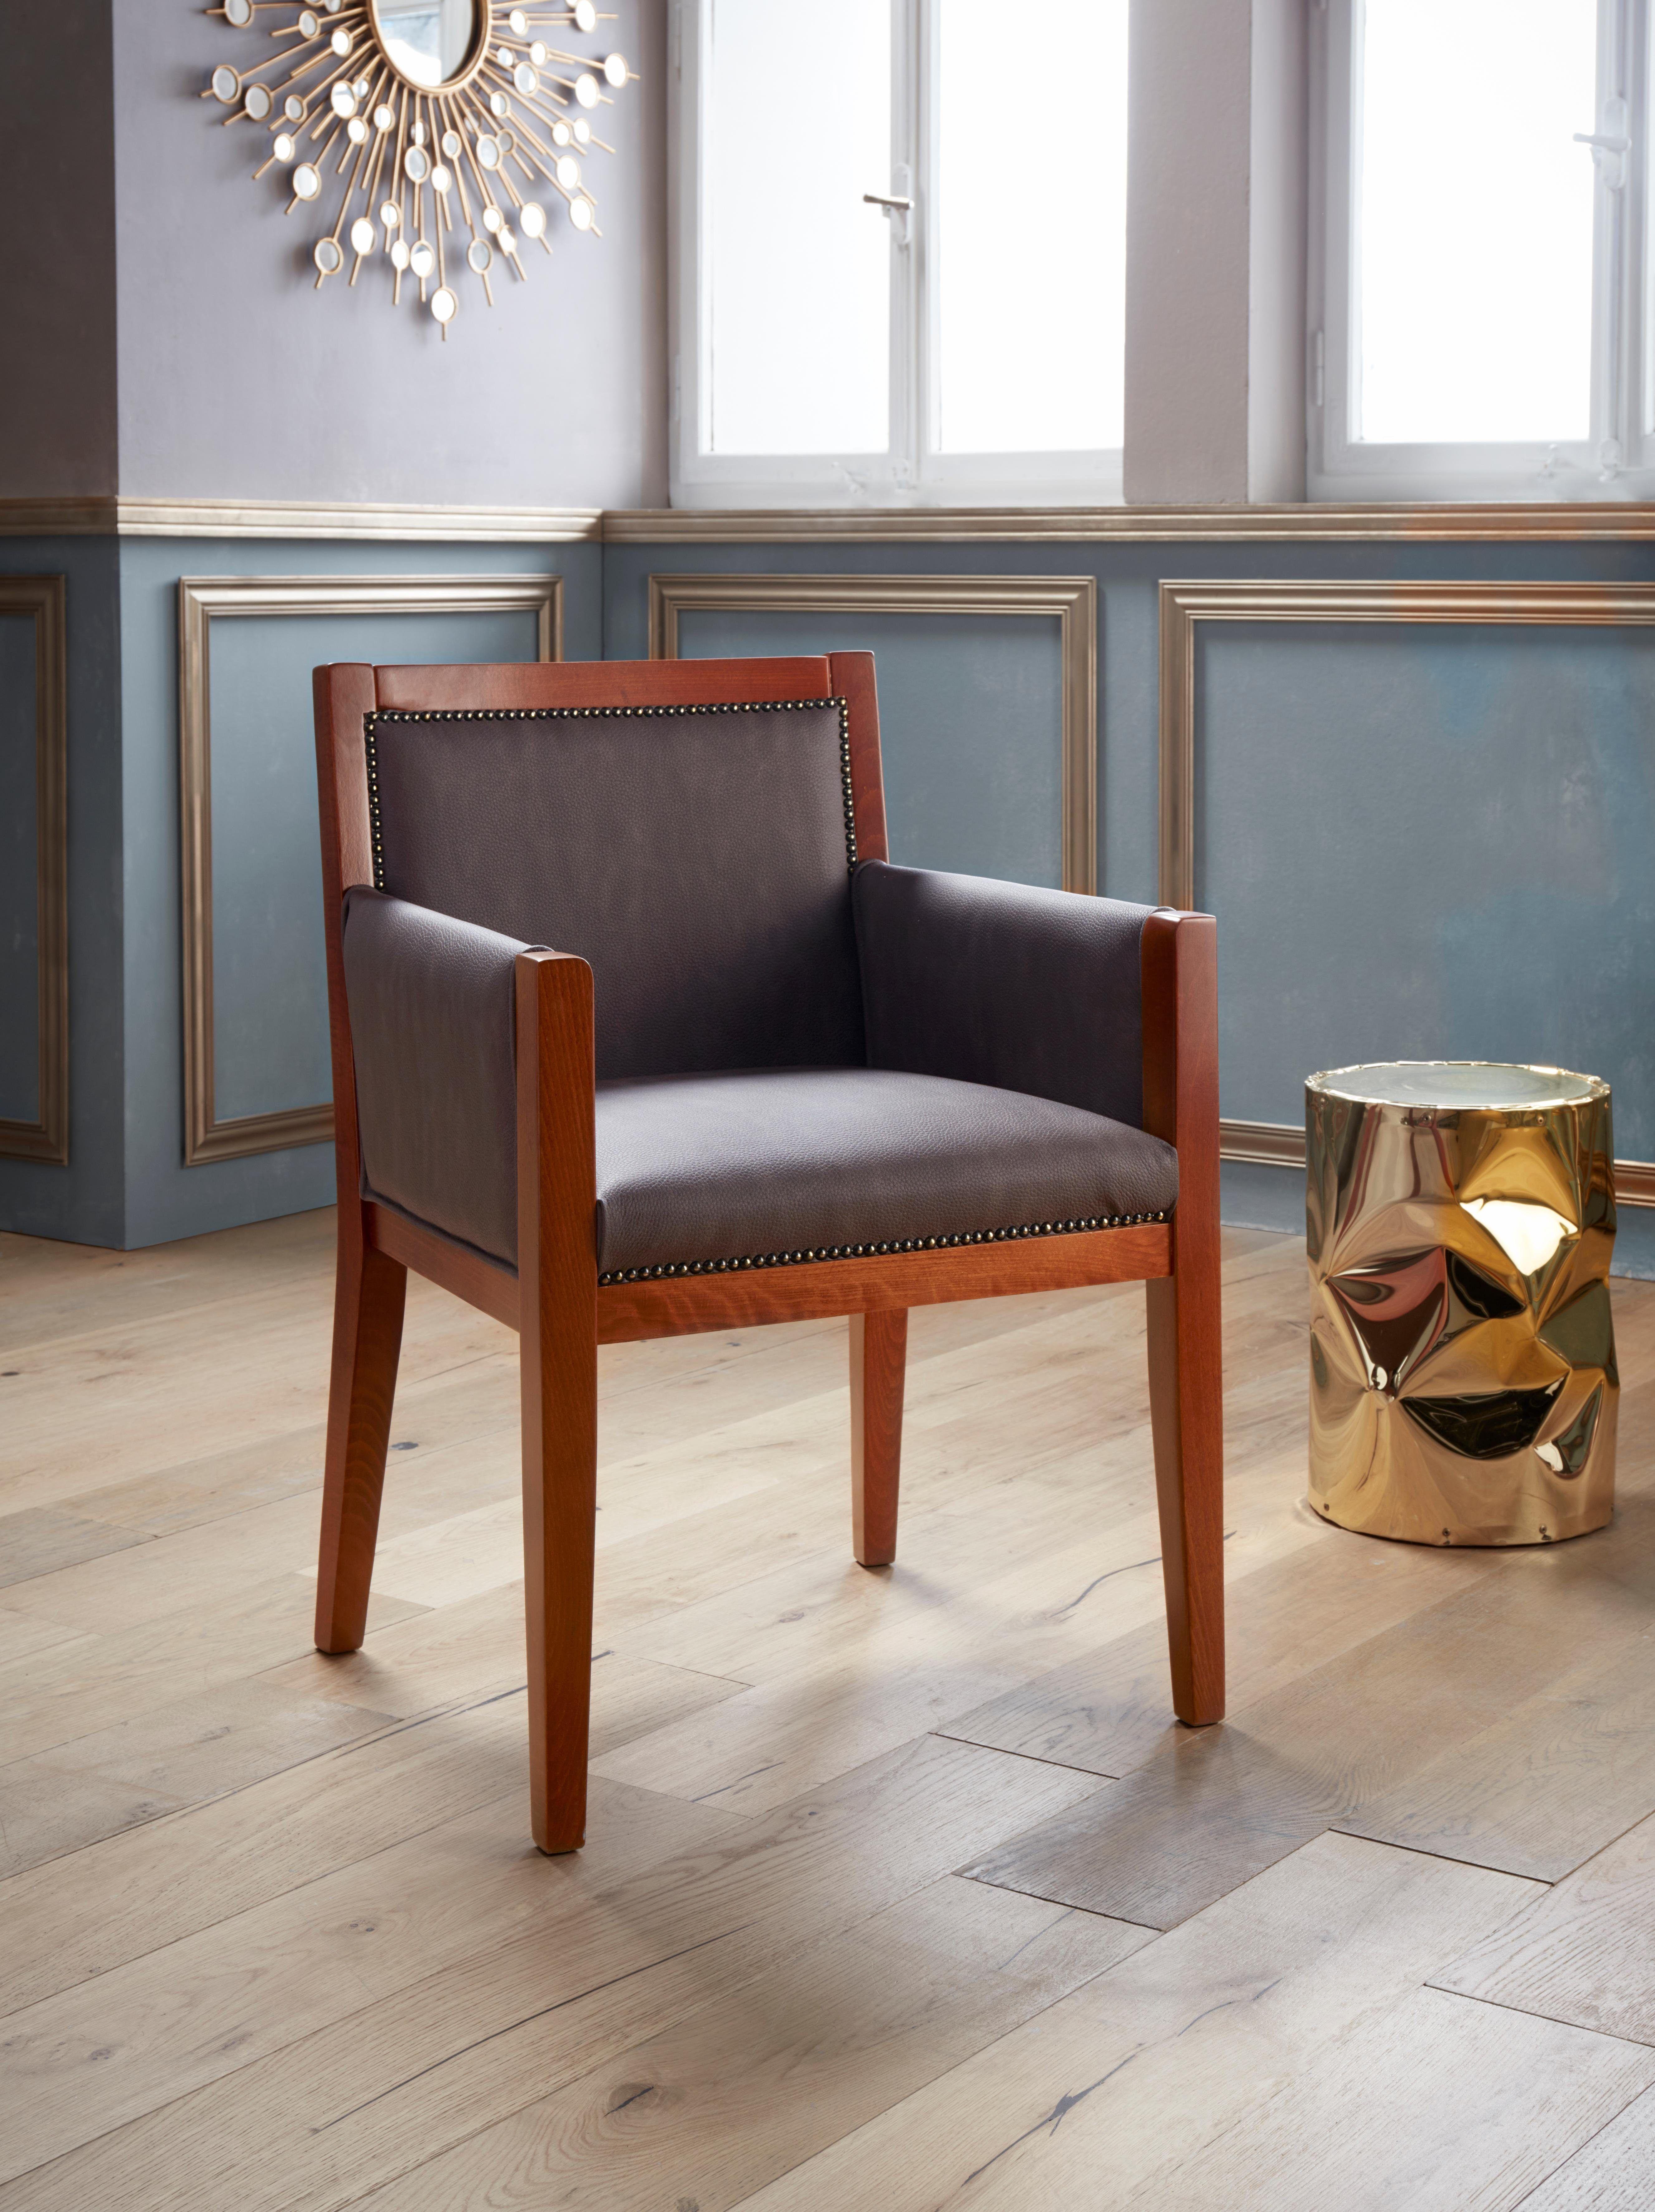 Armlehnstuhl Esszimmer roomed armlehnstuhl braun executive fsc zertifiziert jetzt